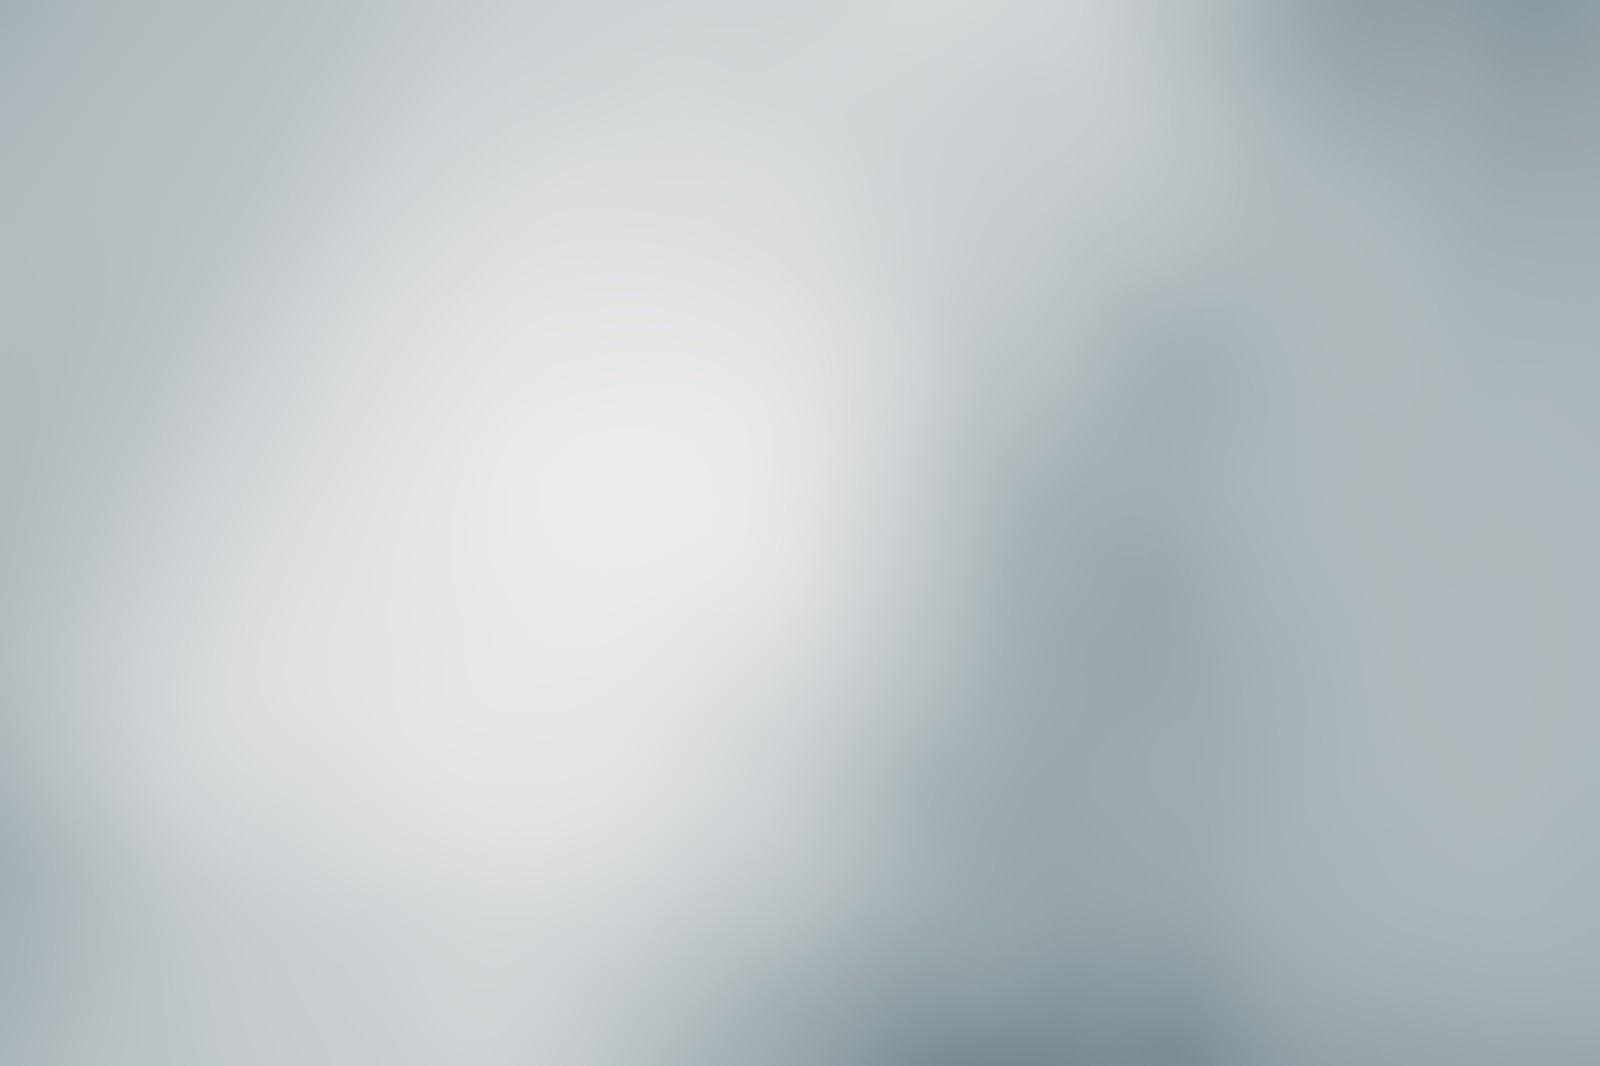 「灰色のボケ灰色のボケ」のフリー写真素材を拡大